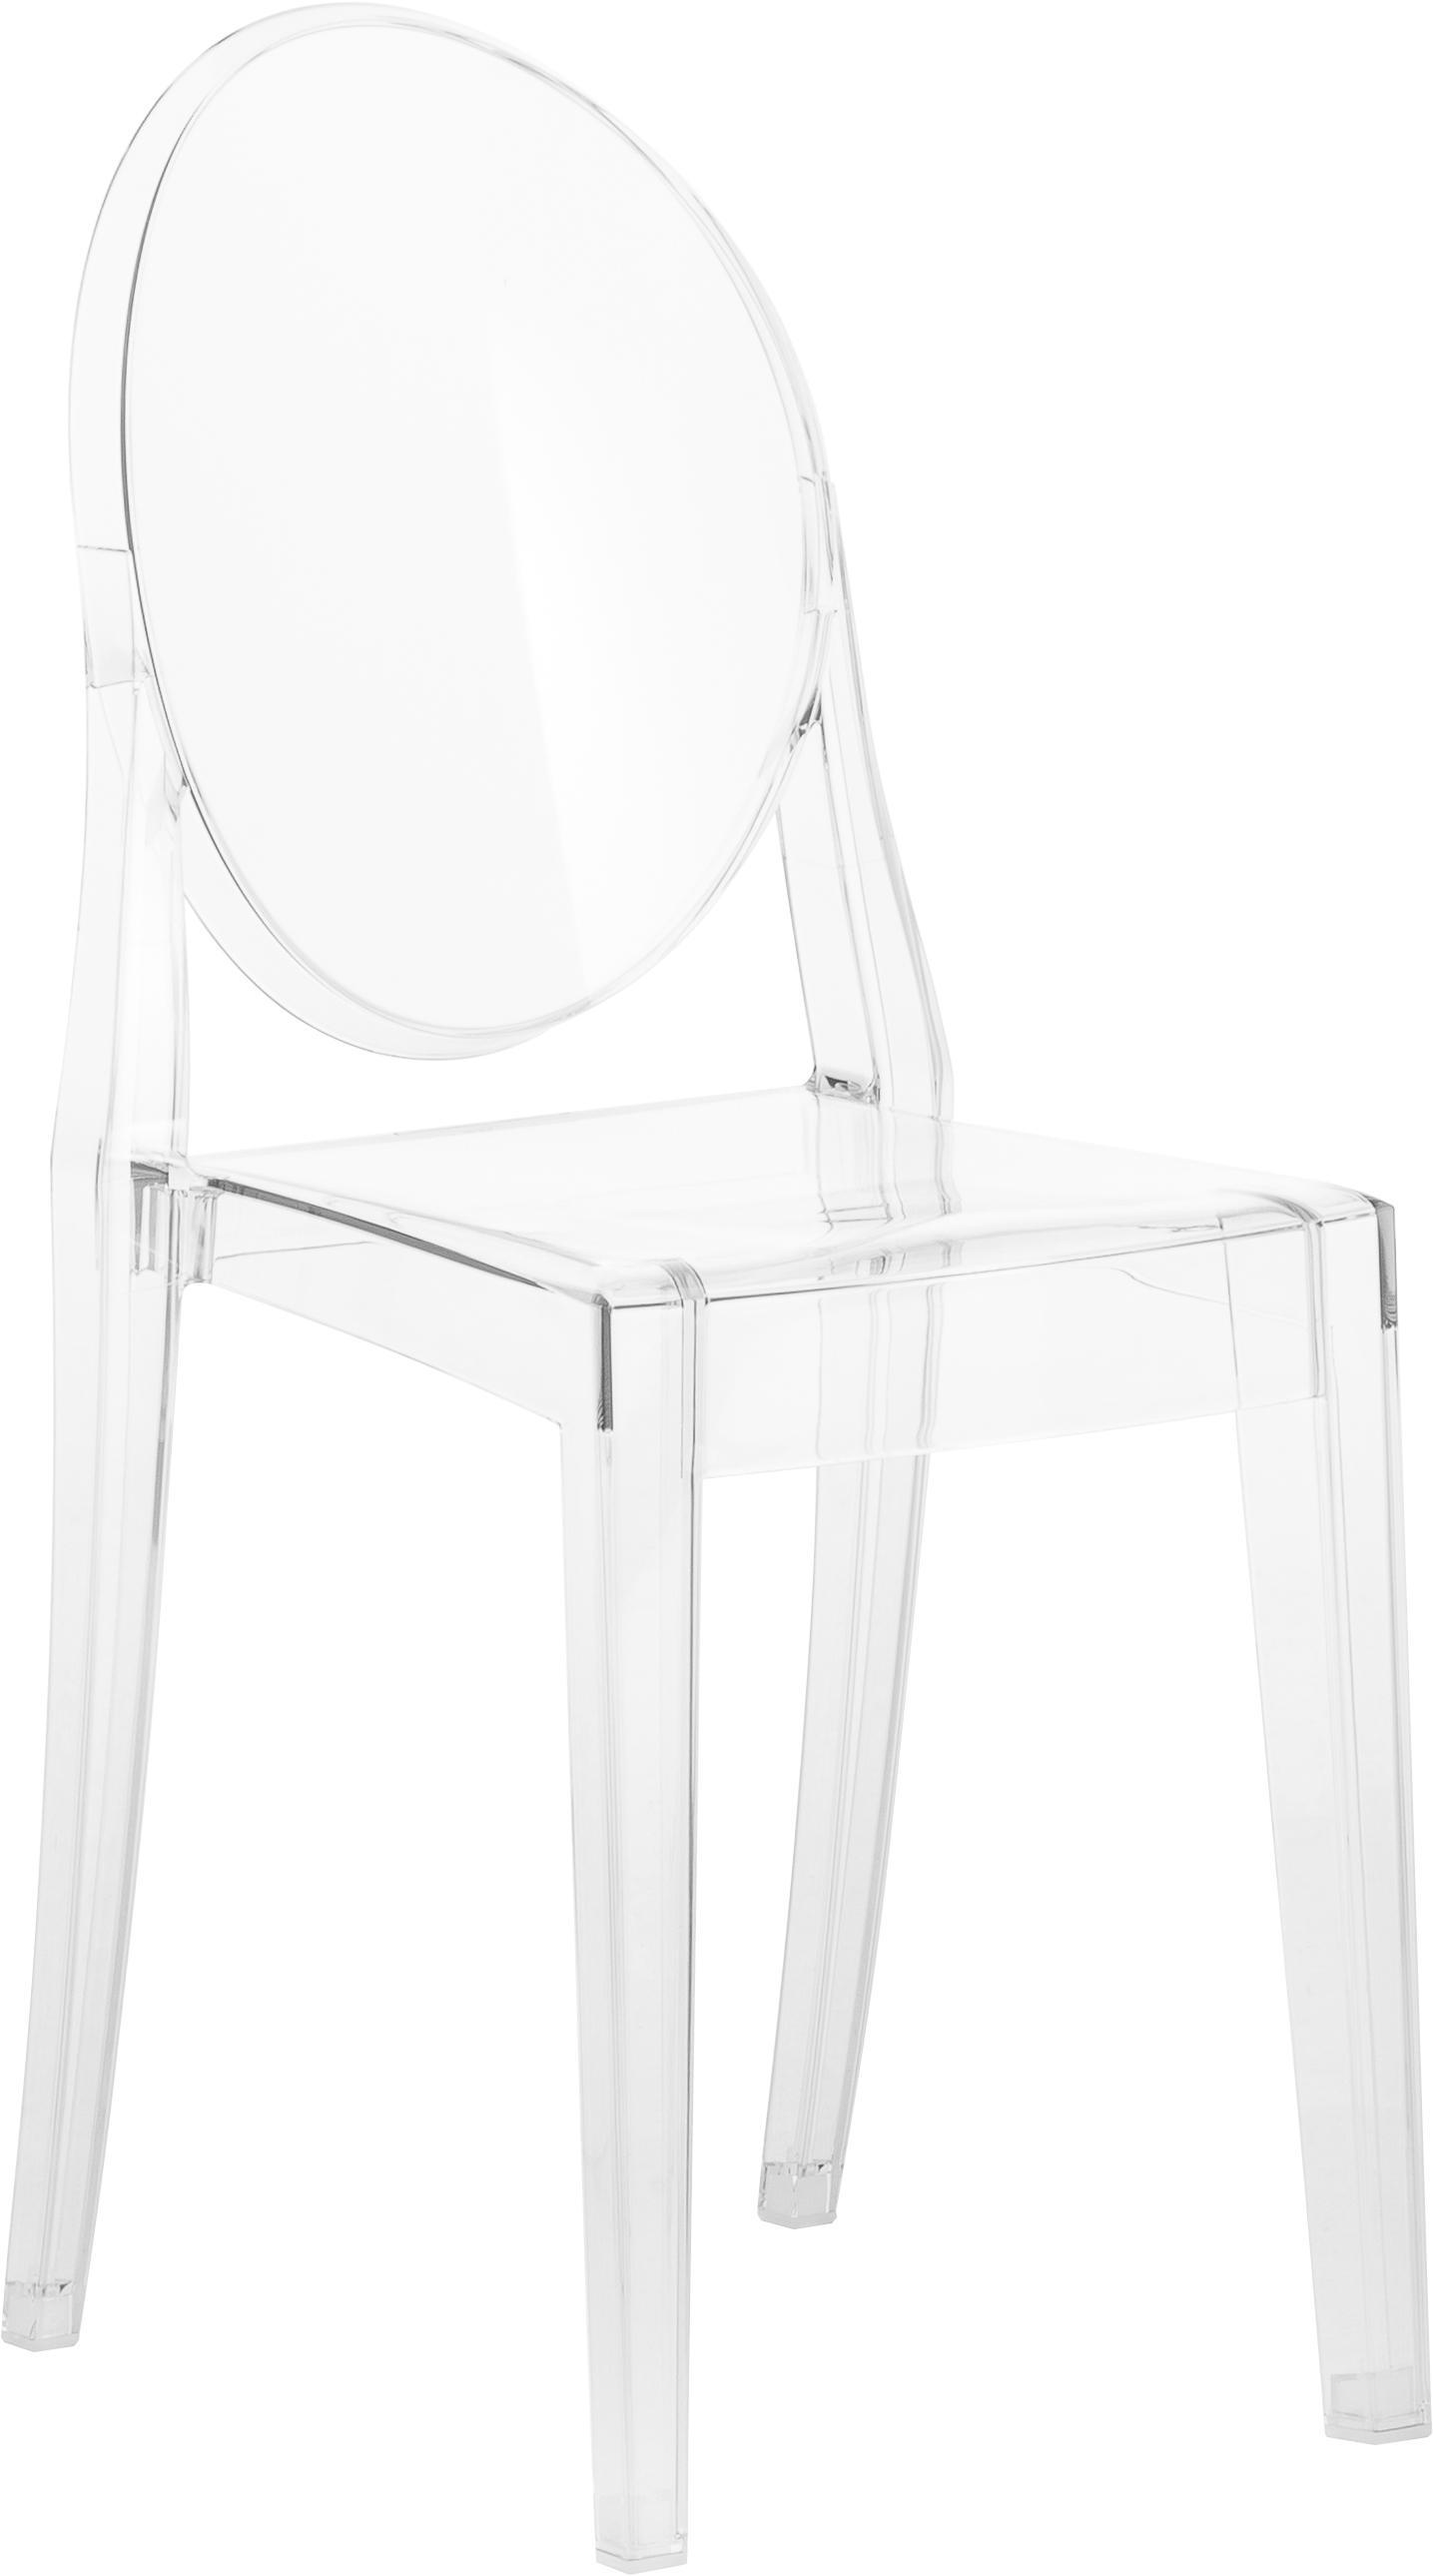 Silla Victoria Ghost, Policarbonato, Transparente, An 38 x Al 89 cm